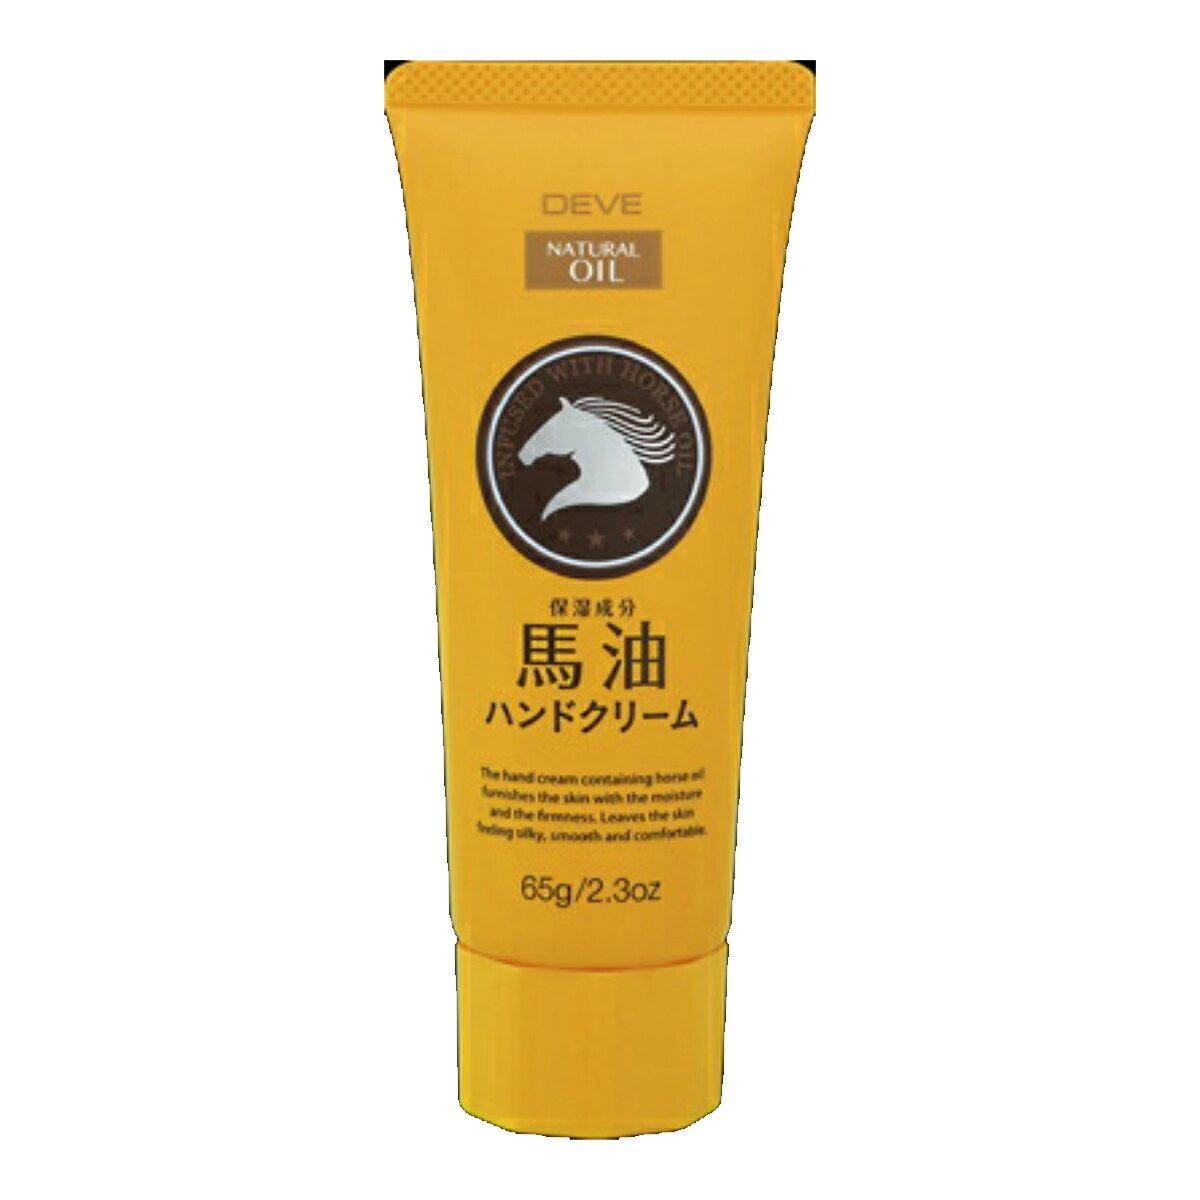 熊野油脂 ディブ 馬油ハンドクリーム 65g ( 4513574024335 ) ( 馬油・ハンドケア・日用品 )